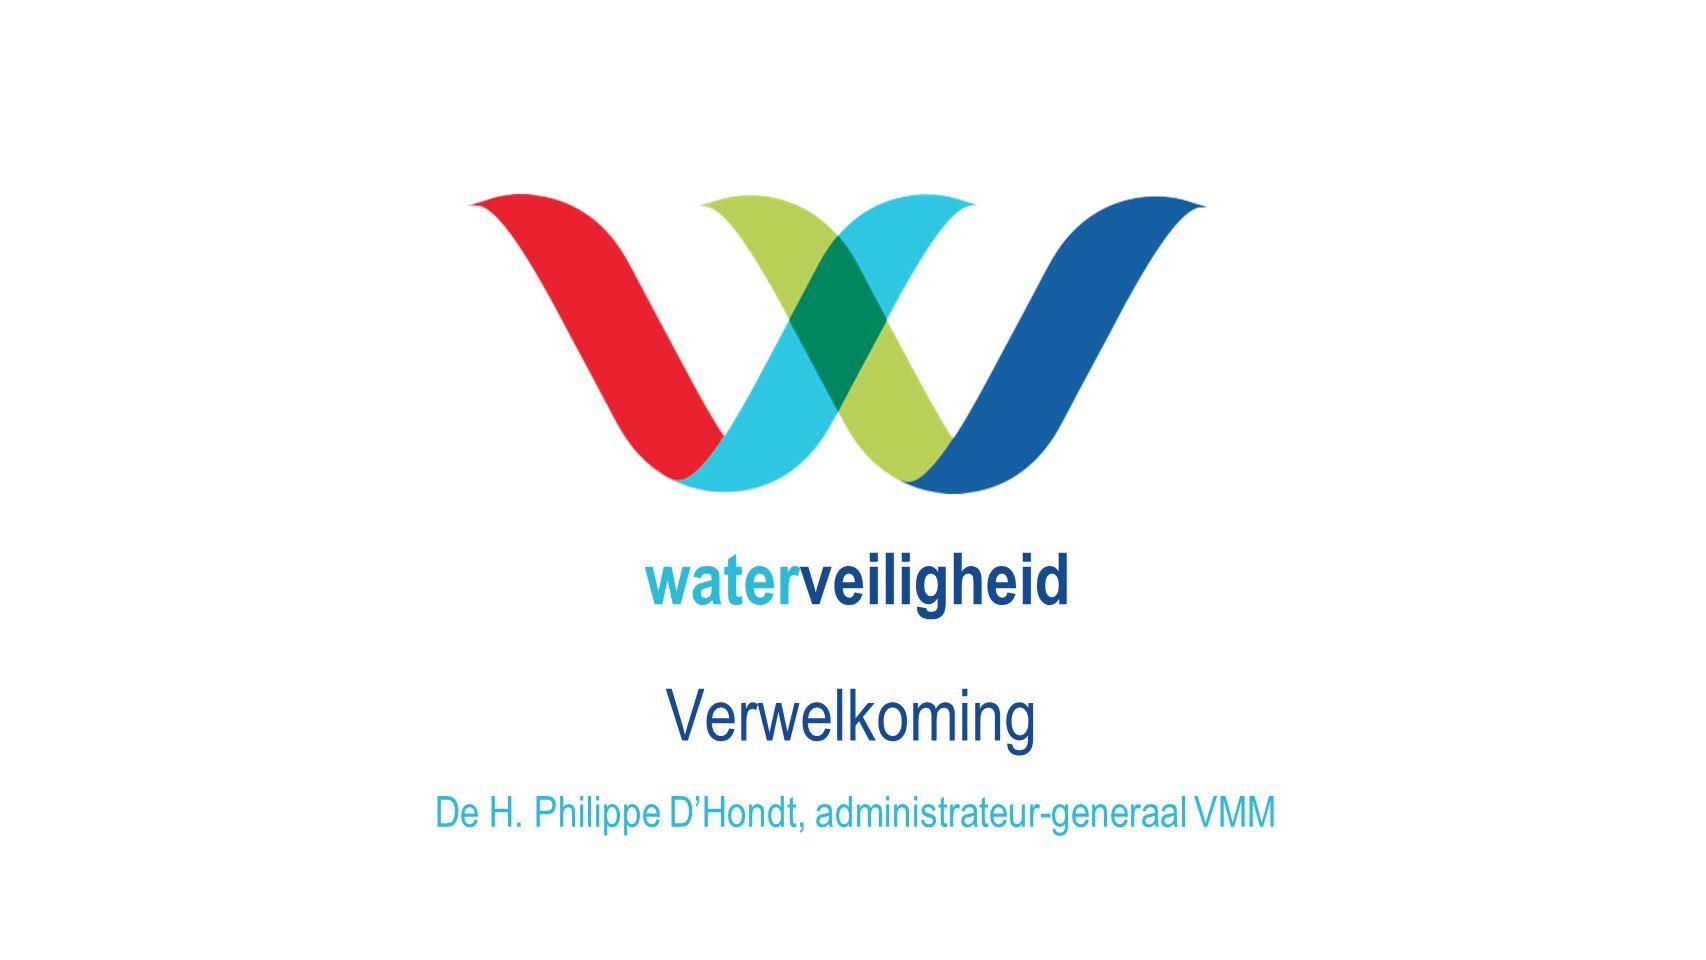 waterveiligheid Verwelkoming De H. Philippe D'Hondt, administrateur-generaal VMM